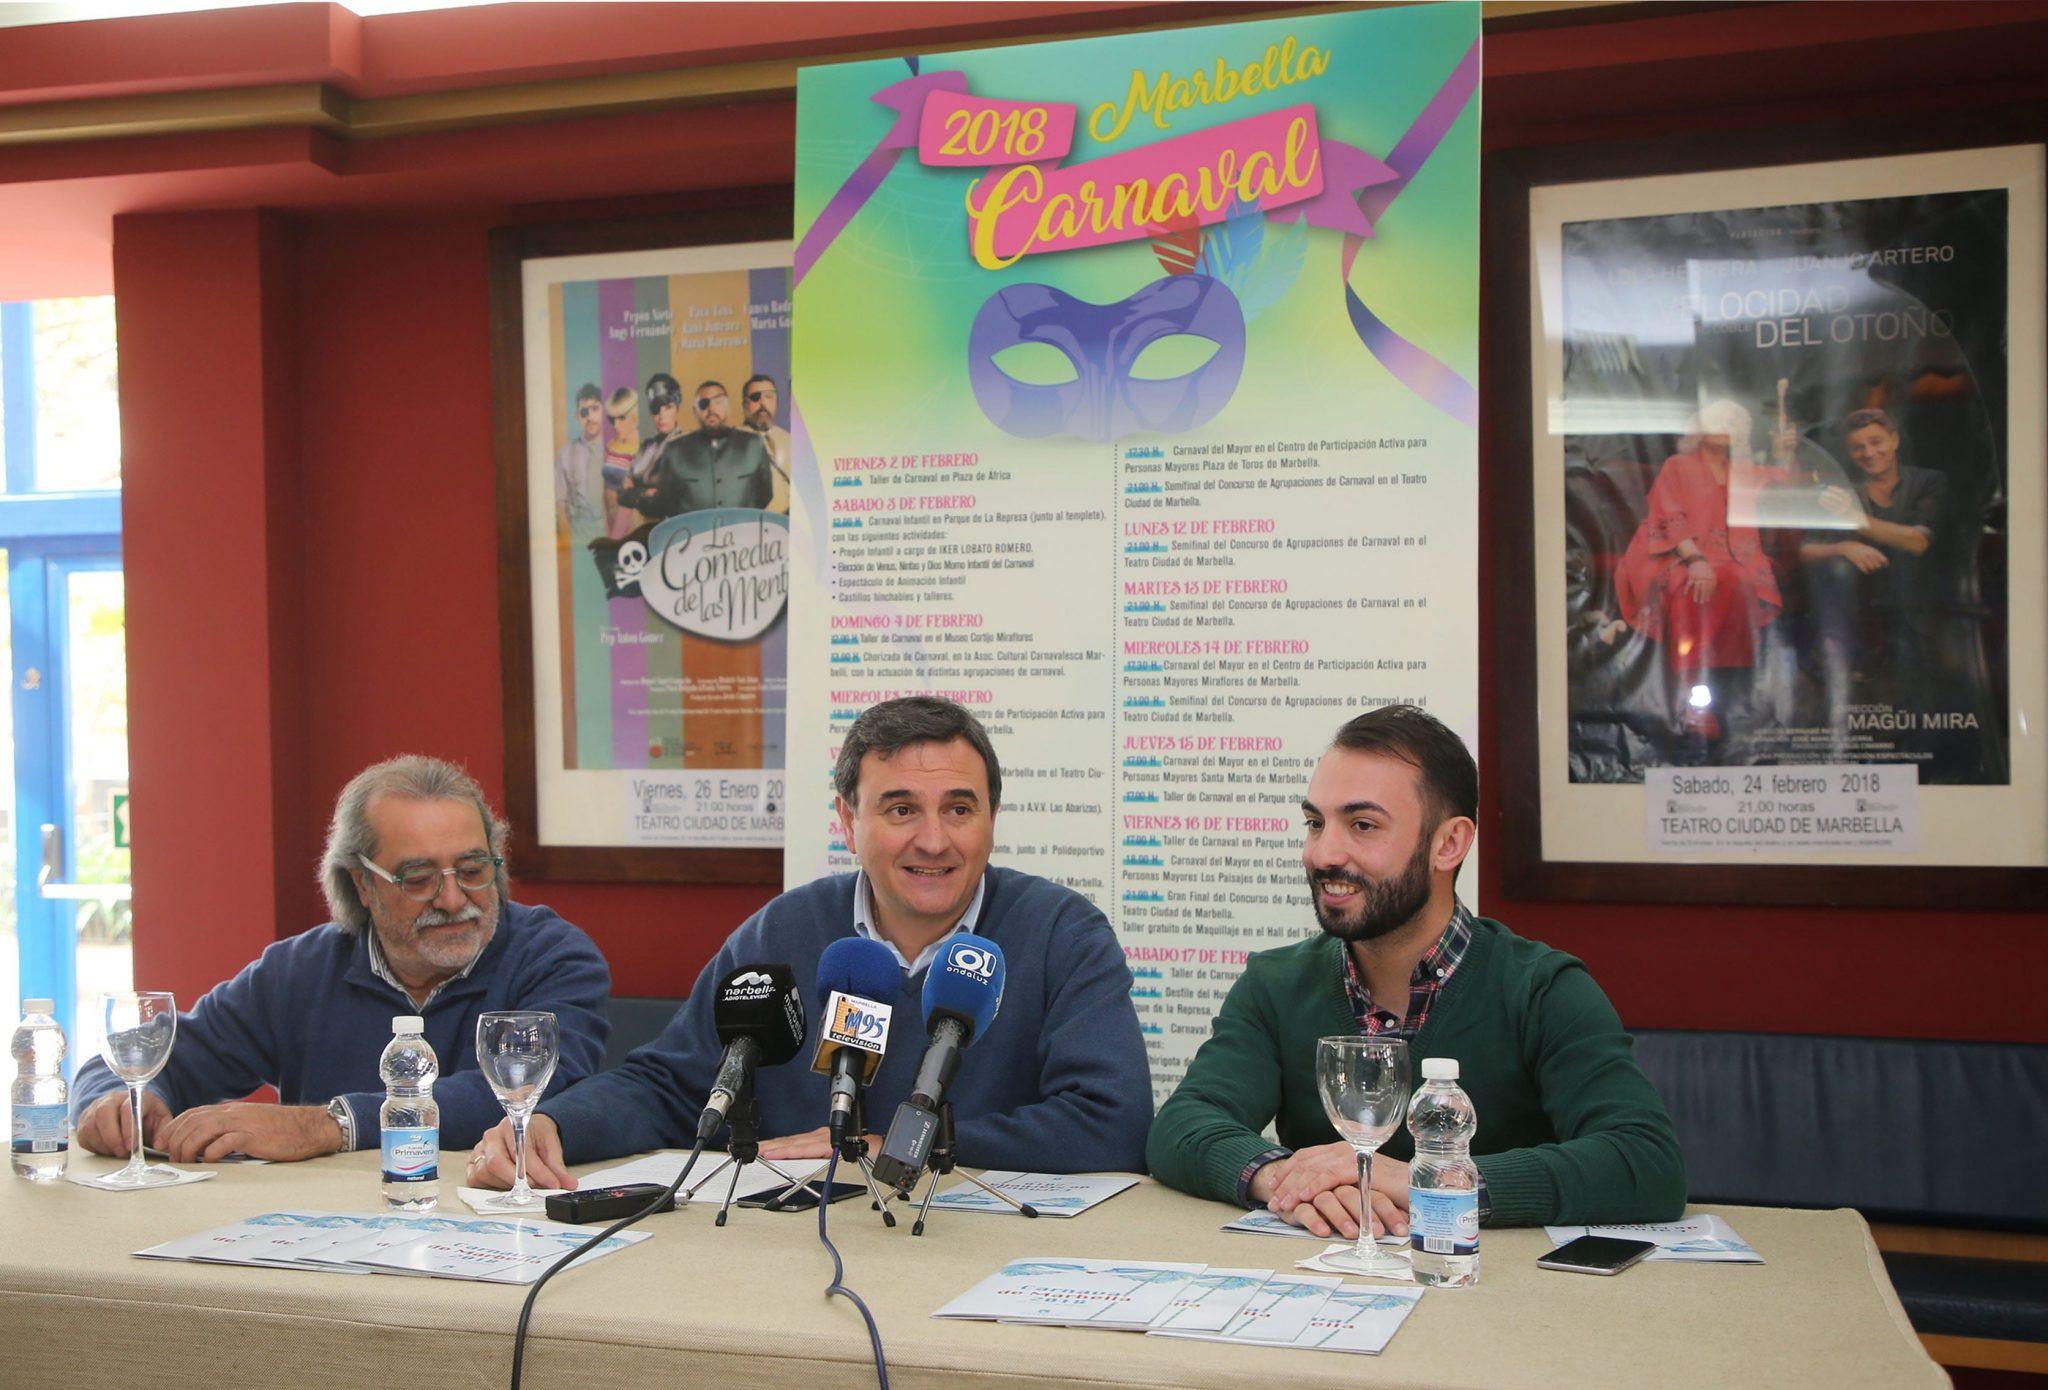 El Carnaval de Marbella contará con una treintena de actividades en todos los distritos y se desarrollará del 2 al 17 de febrero